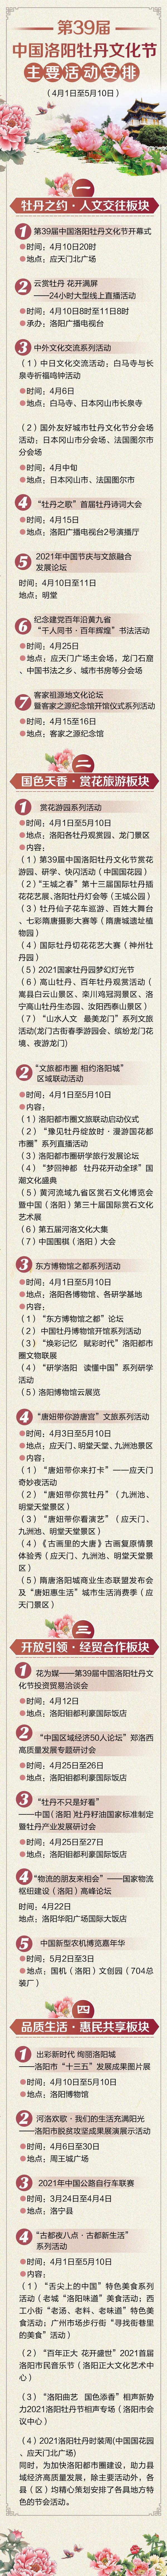 """第39届中国洛阳牡丹文化节邀您线上线下共享""""牡丹盛宴"""""""